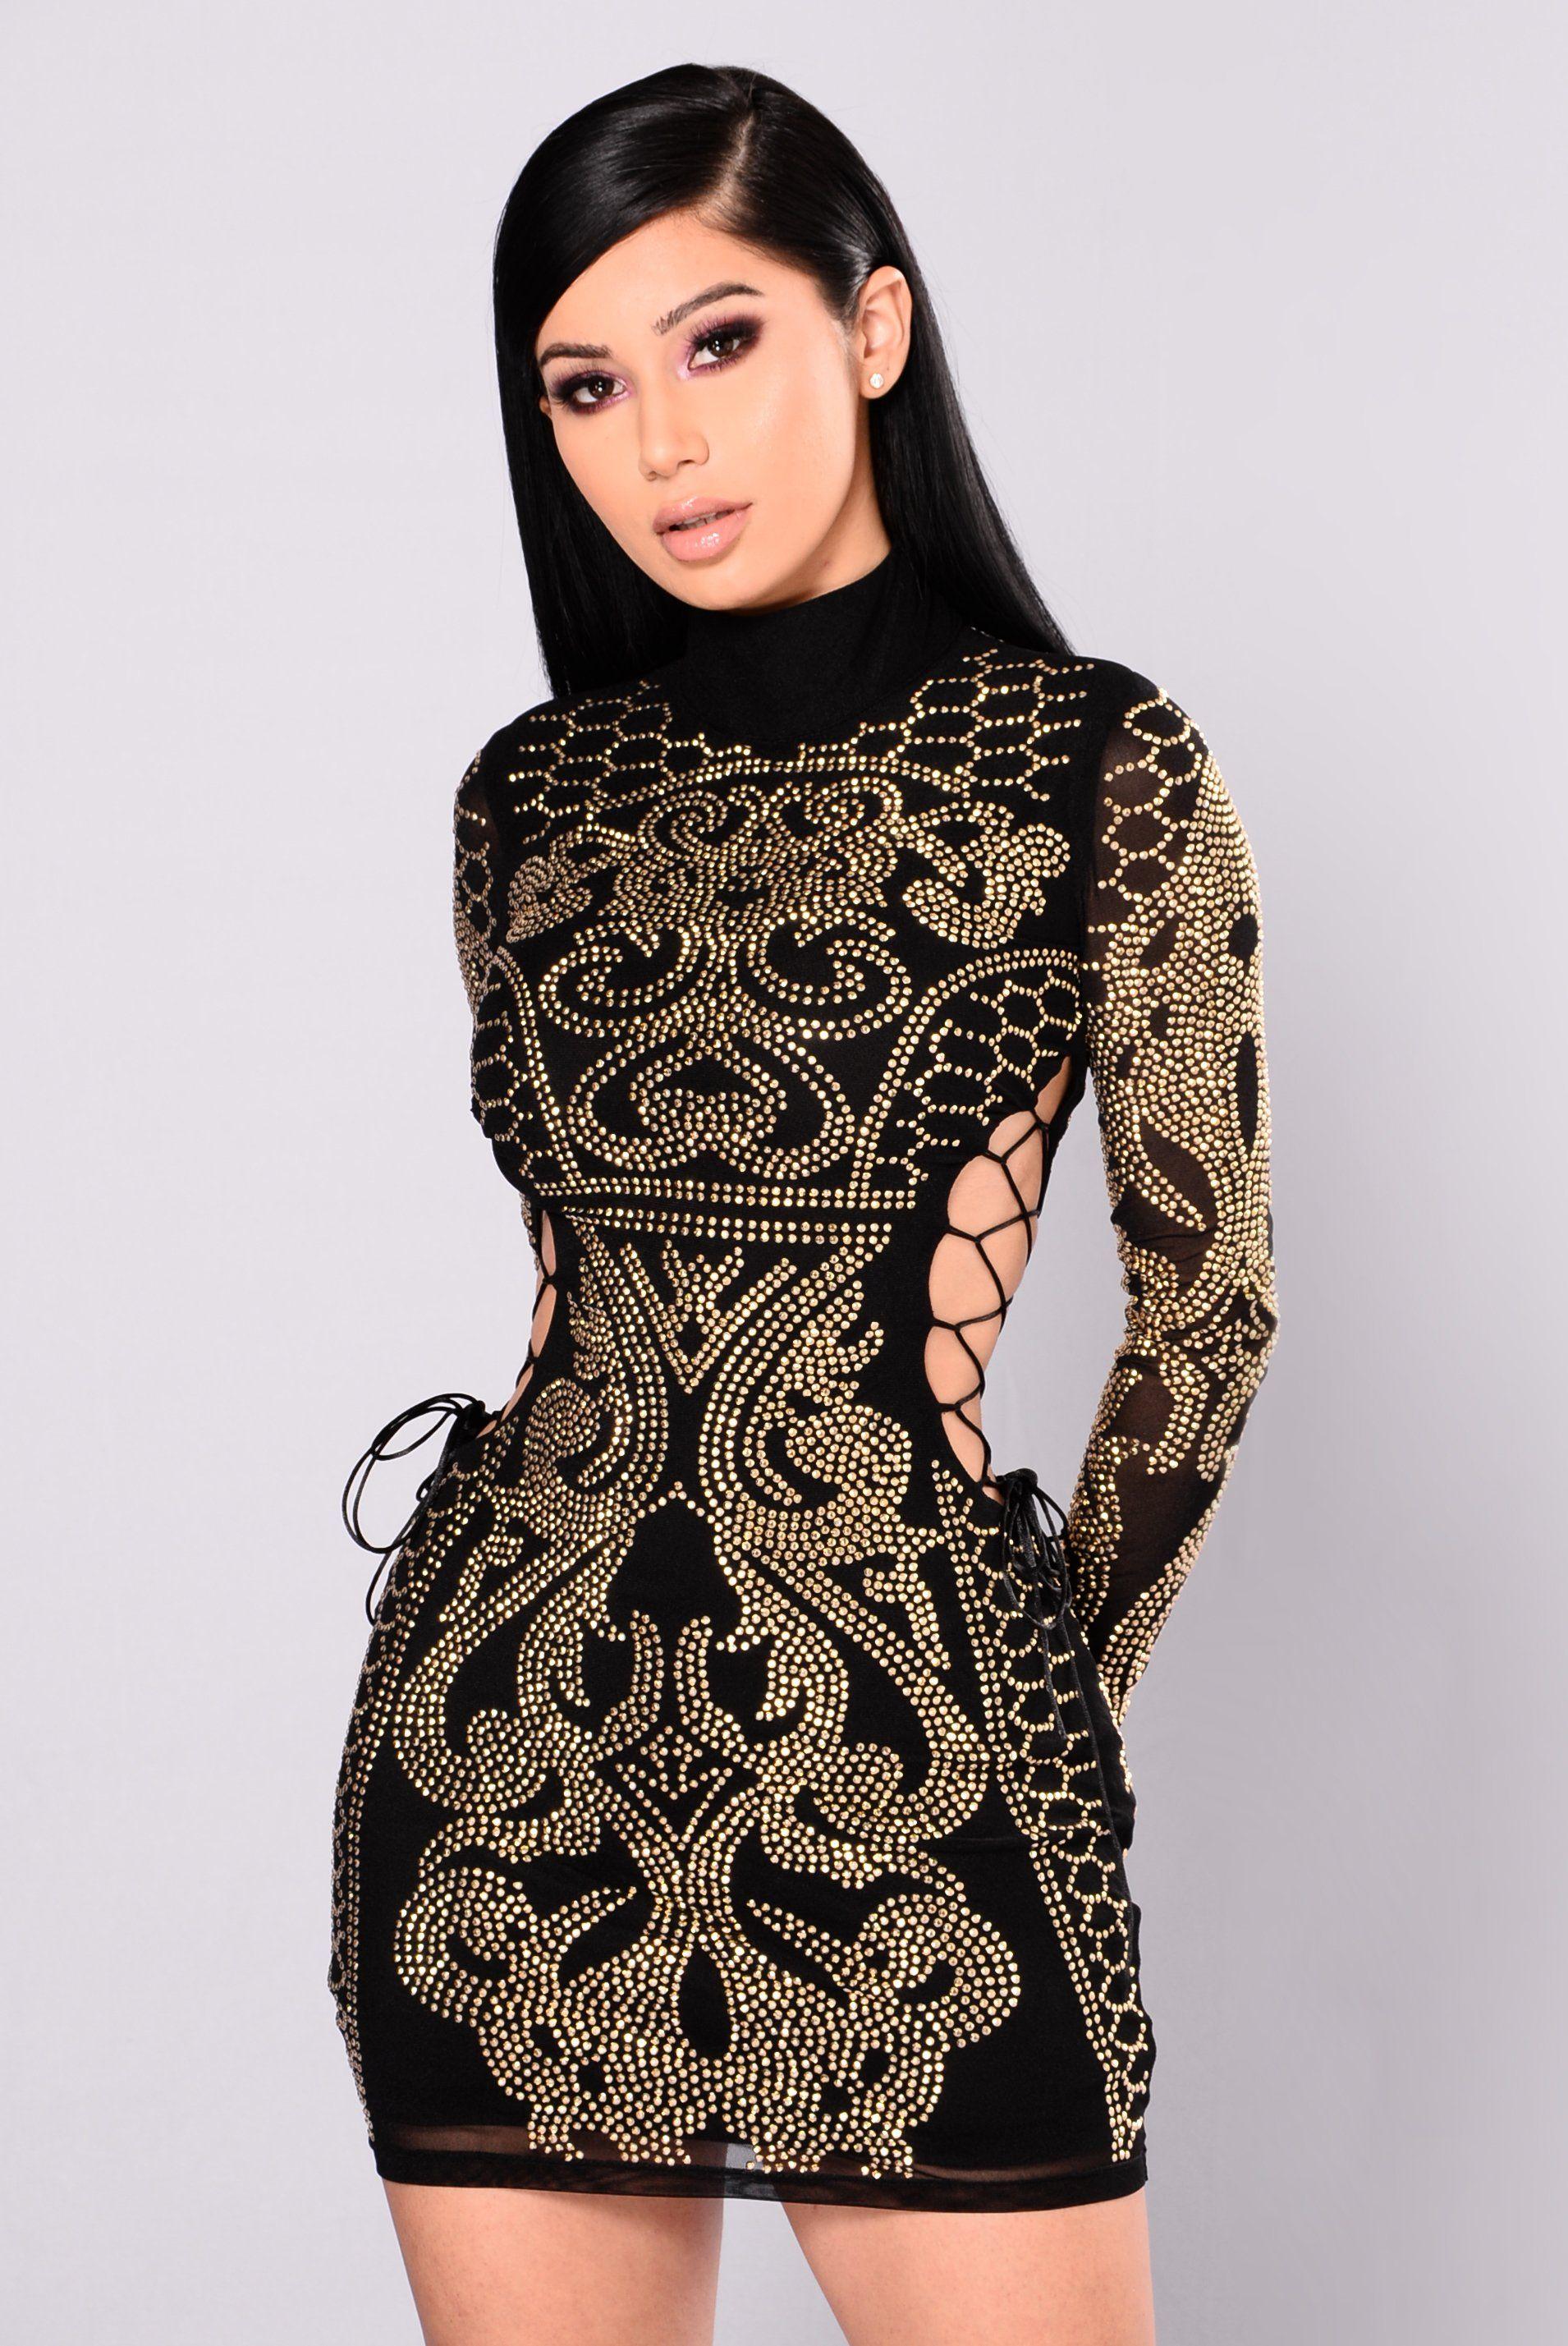 Dynasty Studded Dress Black in 2020 Studded dress